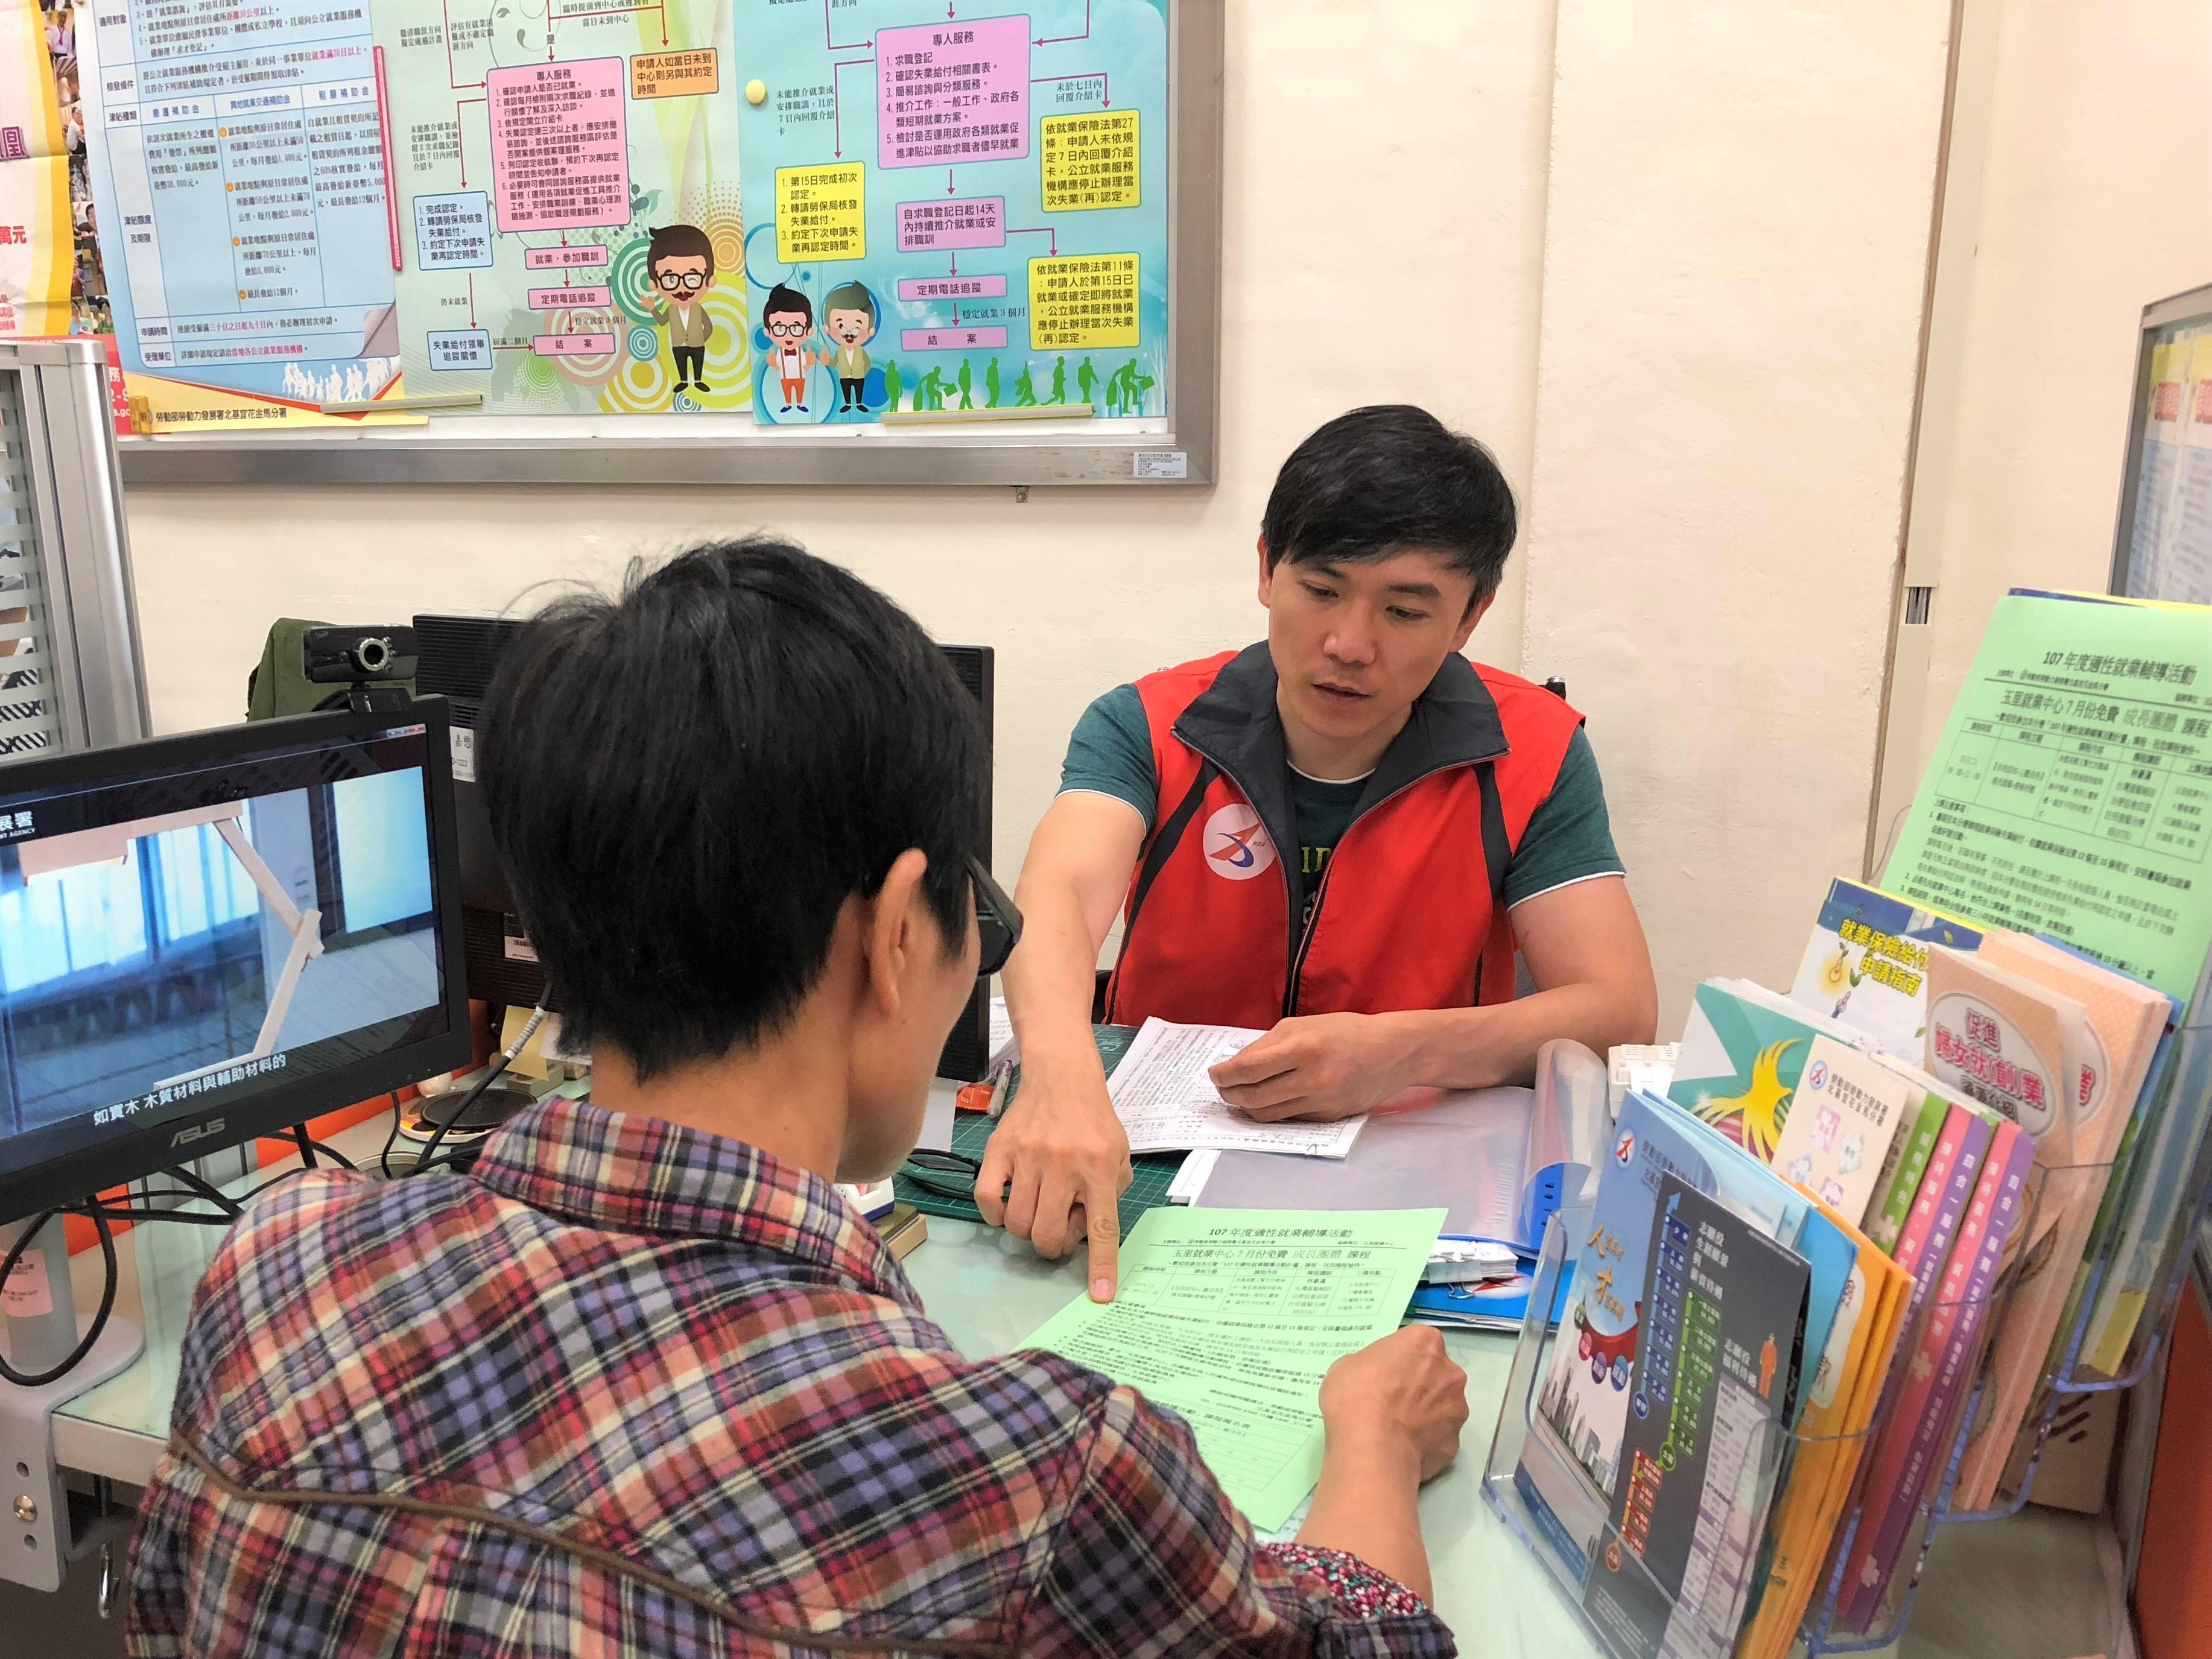 就業中心提供預約制諮詢服務 便民服務再升級  歡迎民眾多加利用